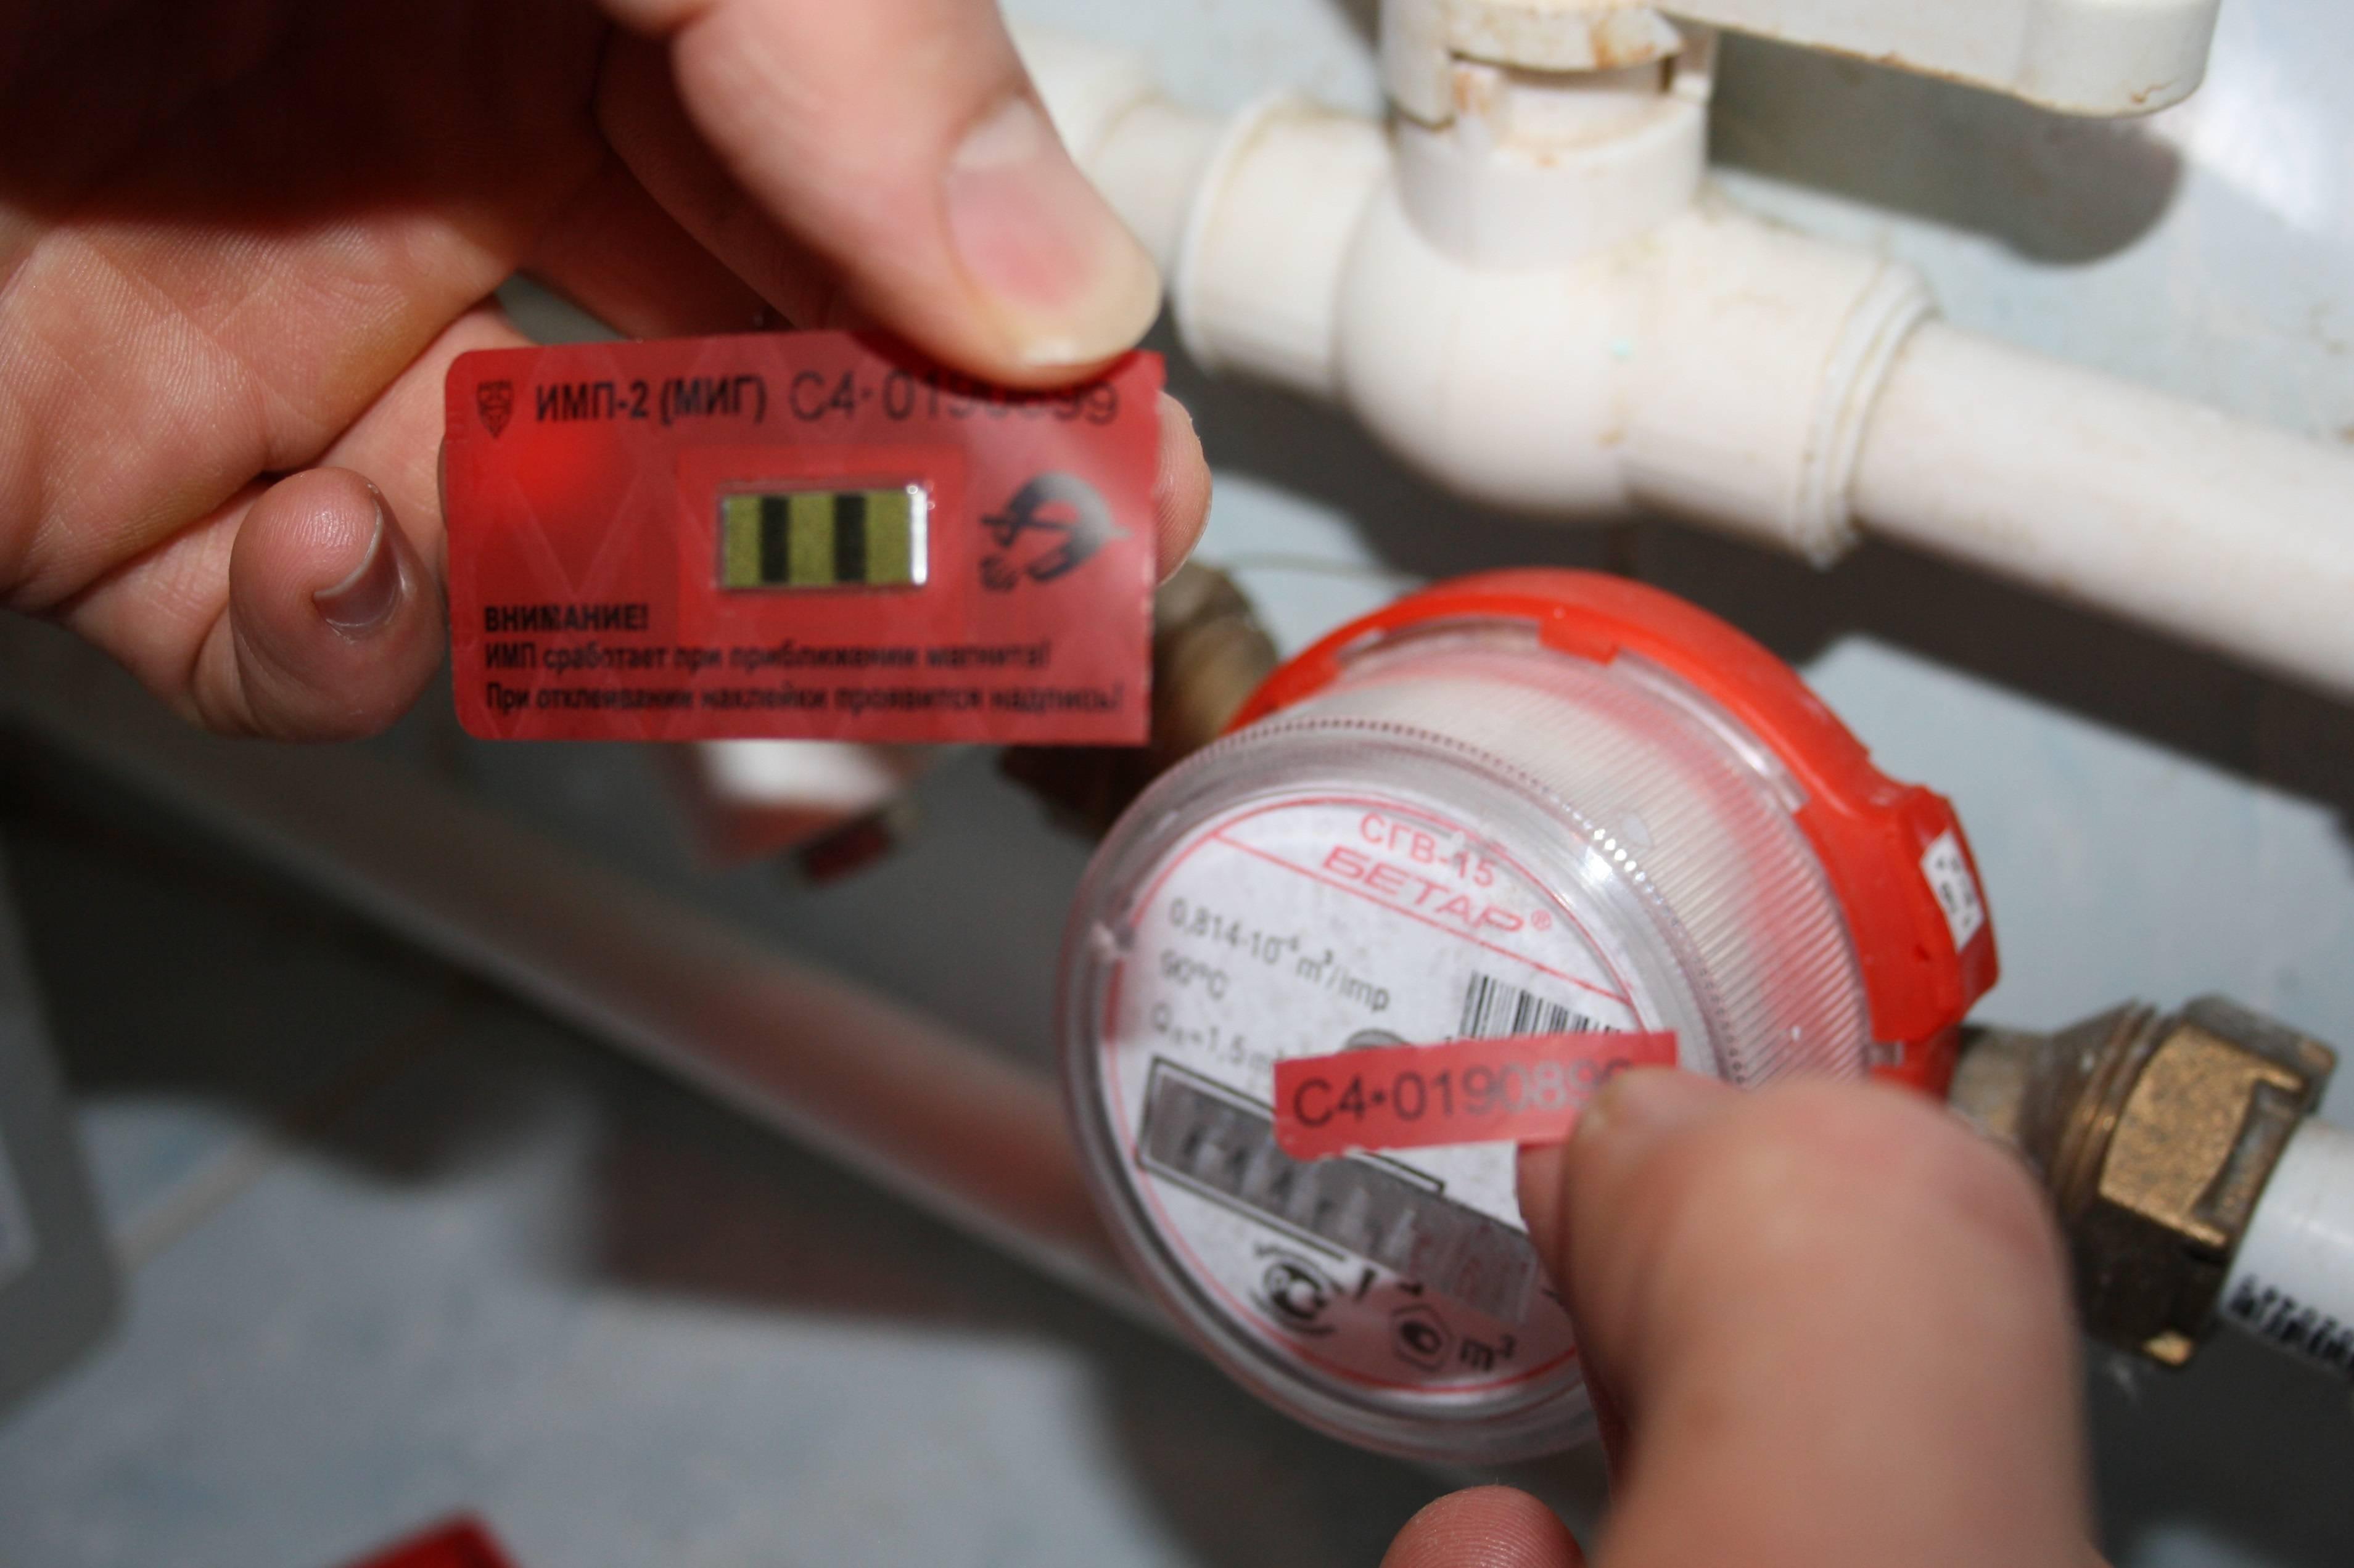 Антимагнитные пломбы на счетчики воды и электросчетчик: как выглядят, от чего и на каком расстоянии срабатывают?